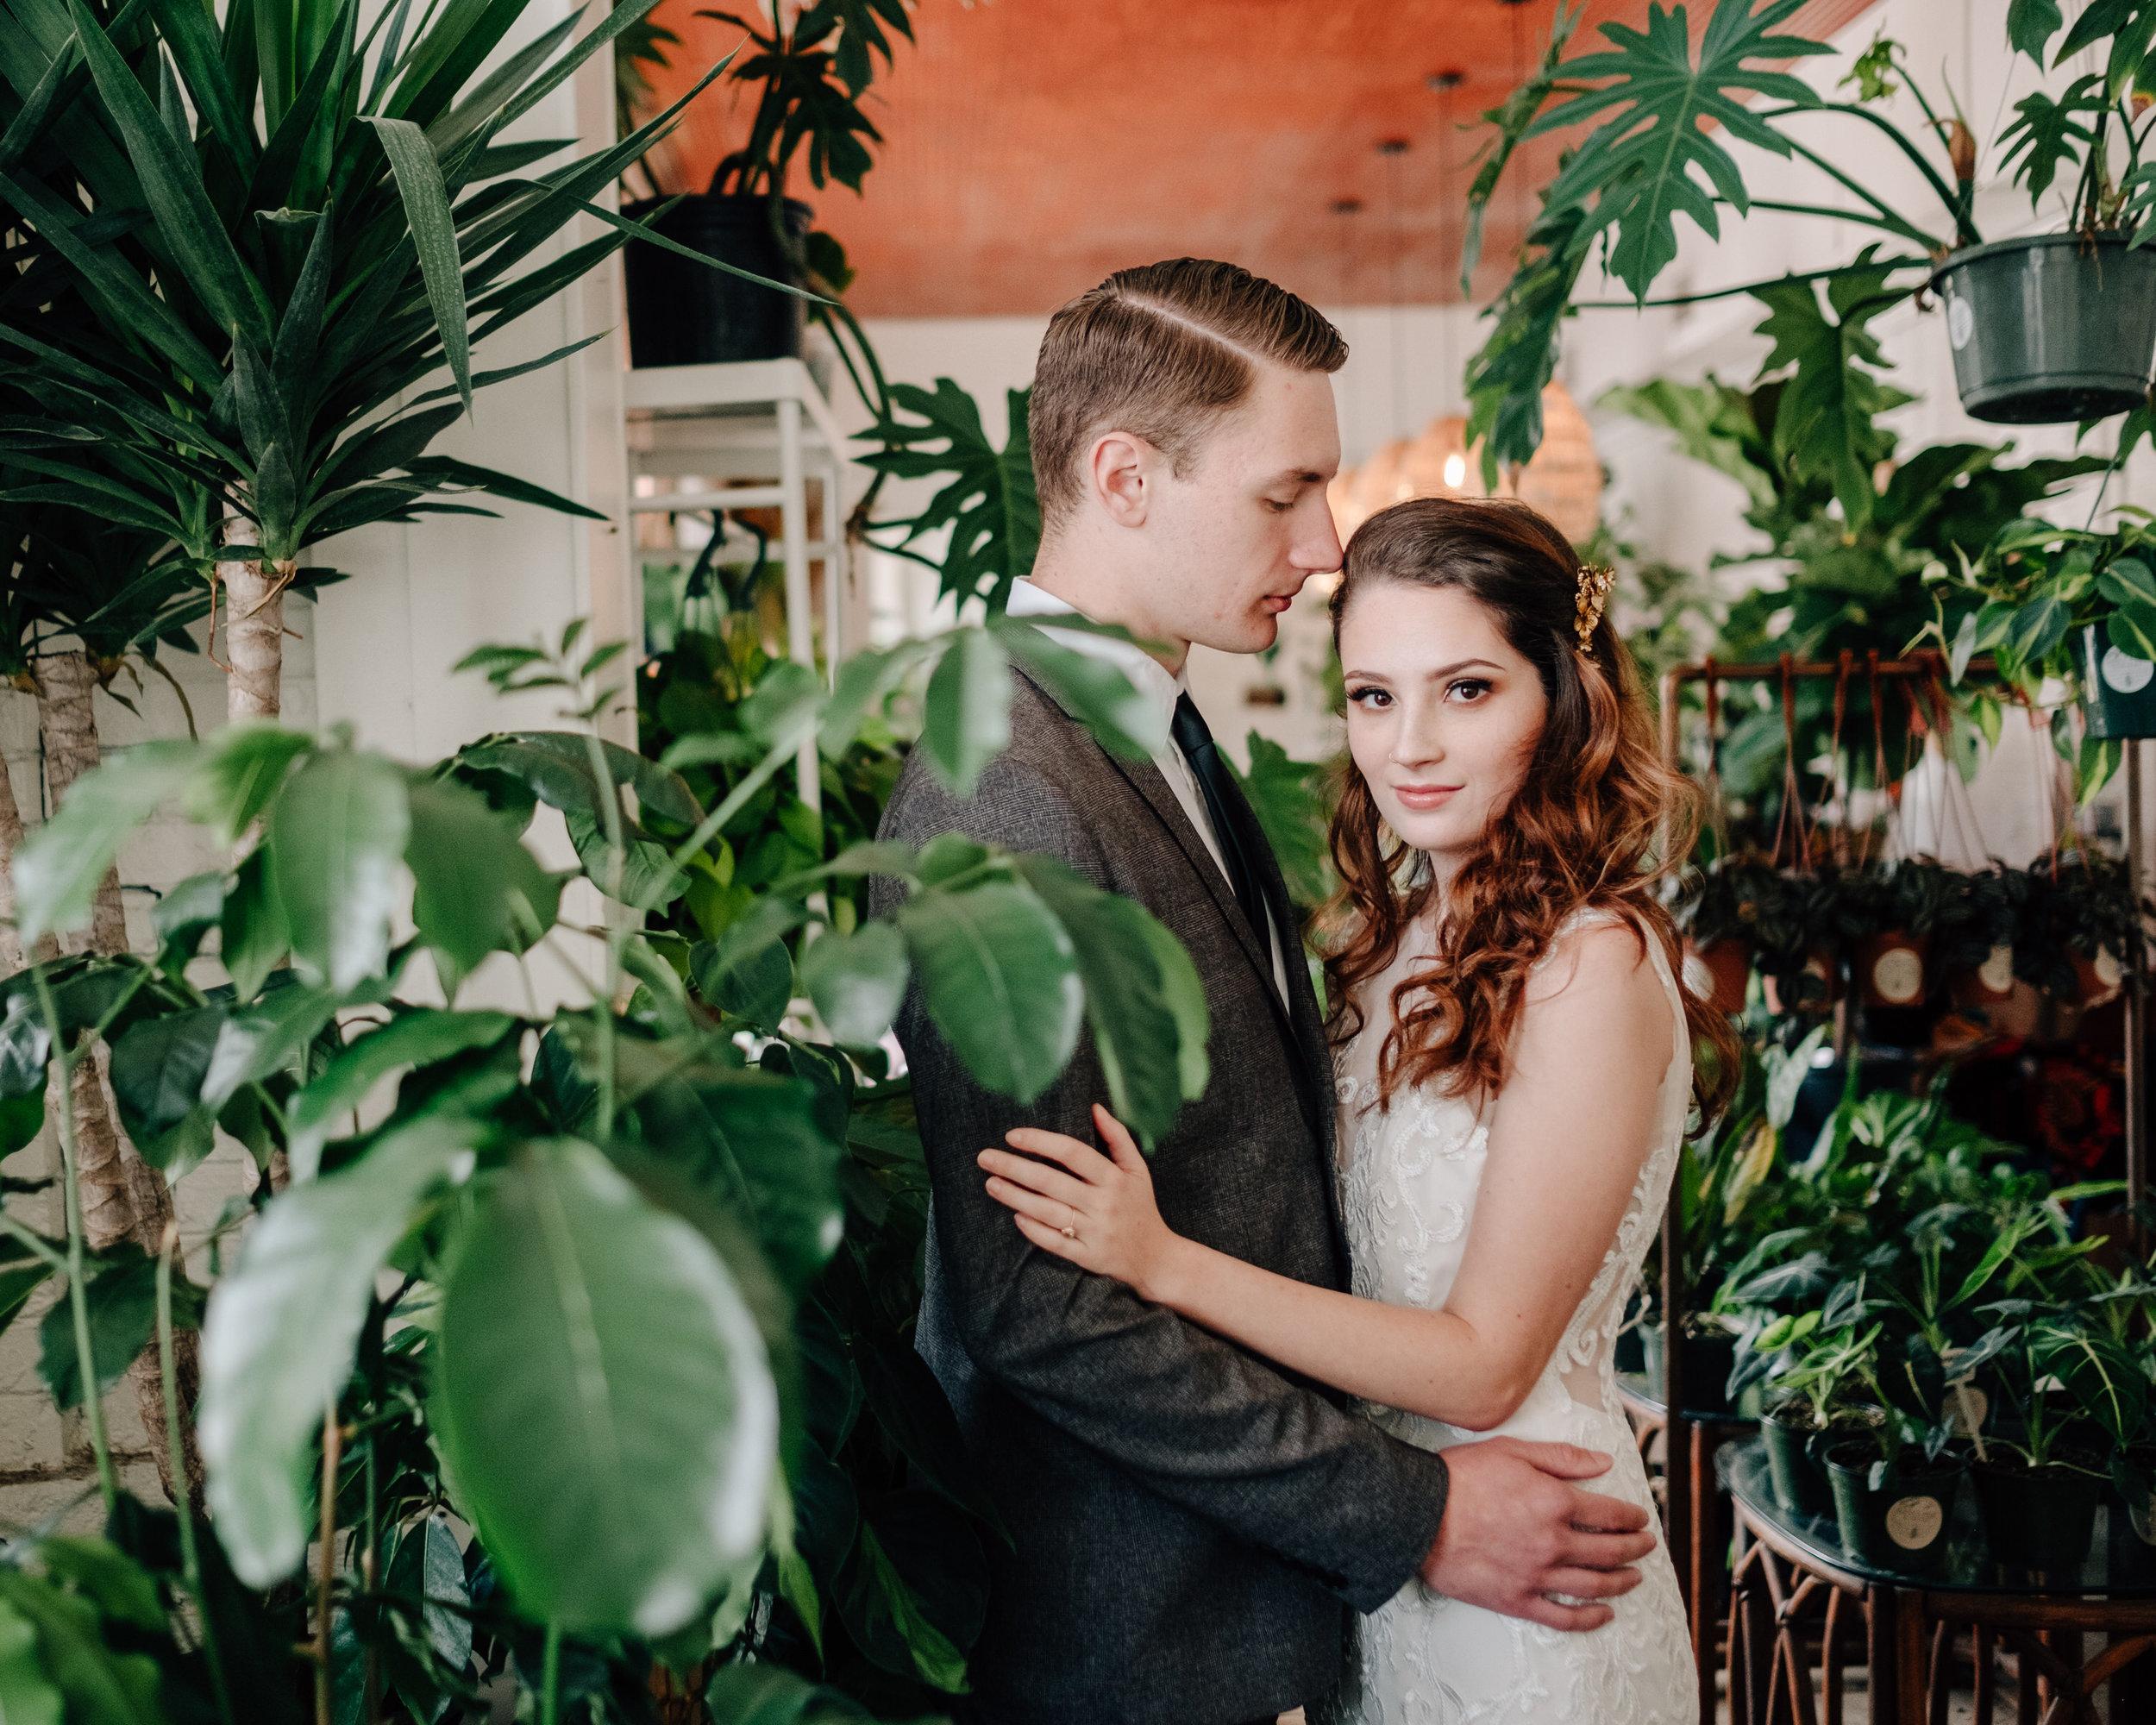 Amethyst Weddings Styled Shoot 3-25-18 049.jpg